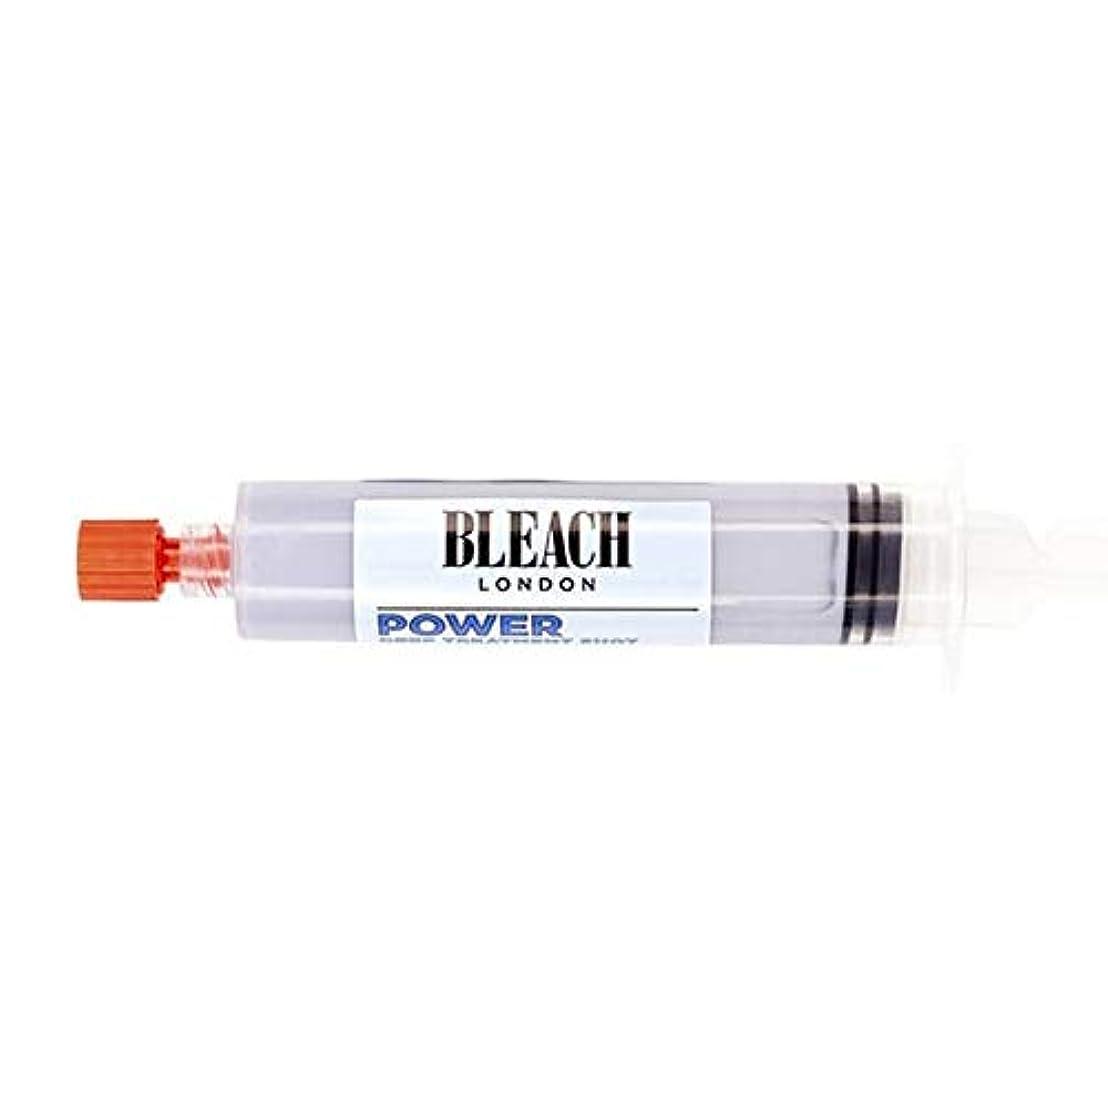 チップ霊持続的[Bleach London ] 漂白ロンドン治療ショット - ディープパワー - Bleach London Treatment Shot - Power Deep [並行輸入品]